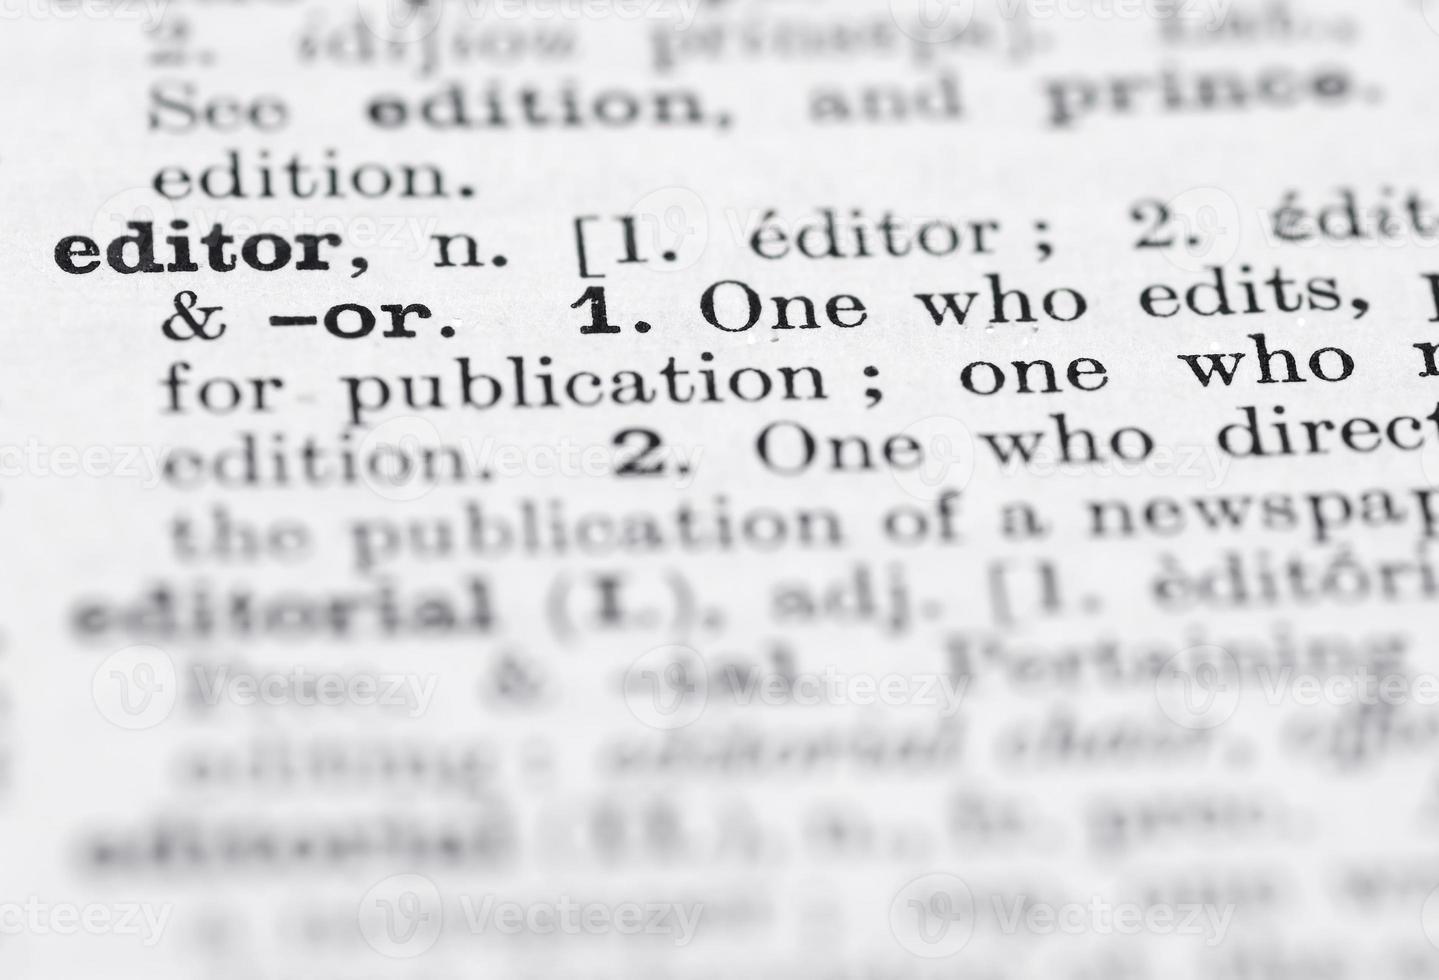 definizione di editor nel dizionario inglese. foto